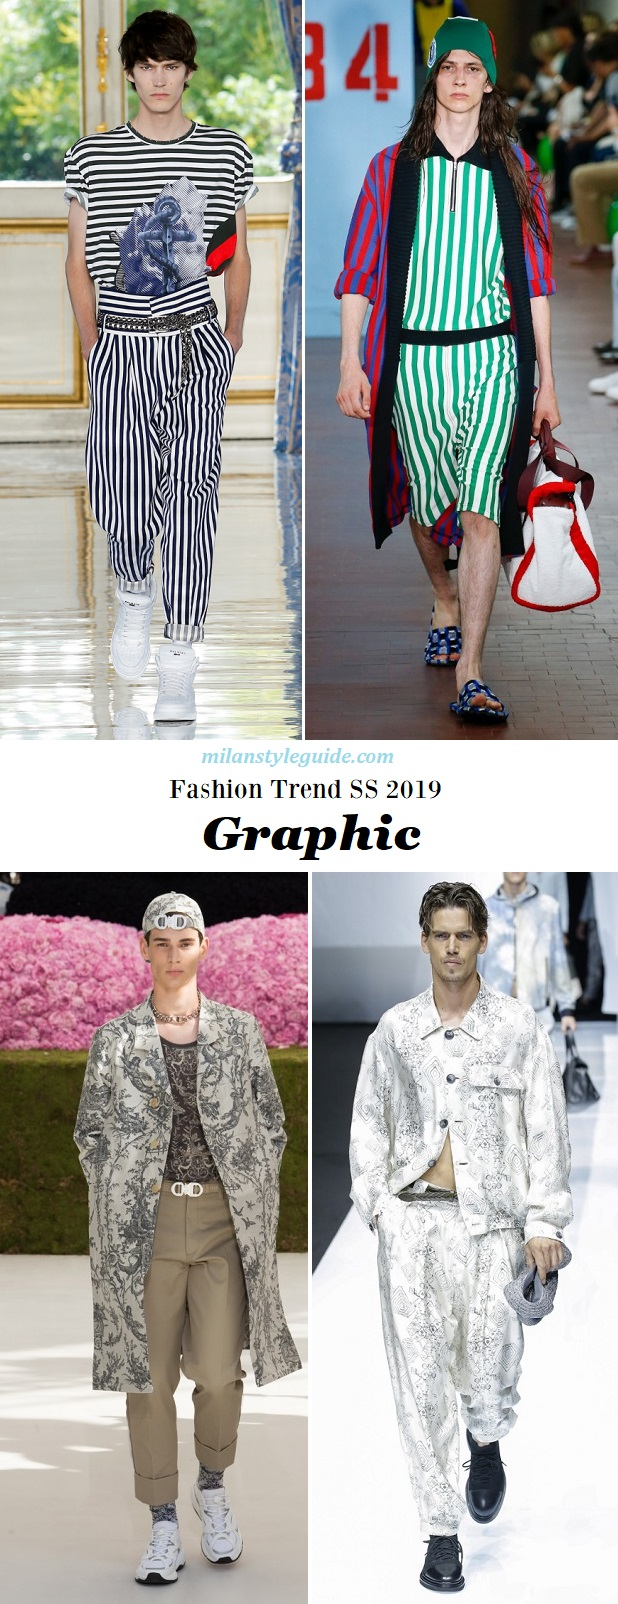 модная тенденции 2019 Graphic